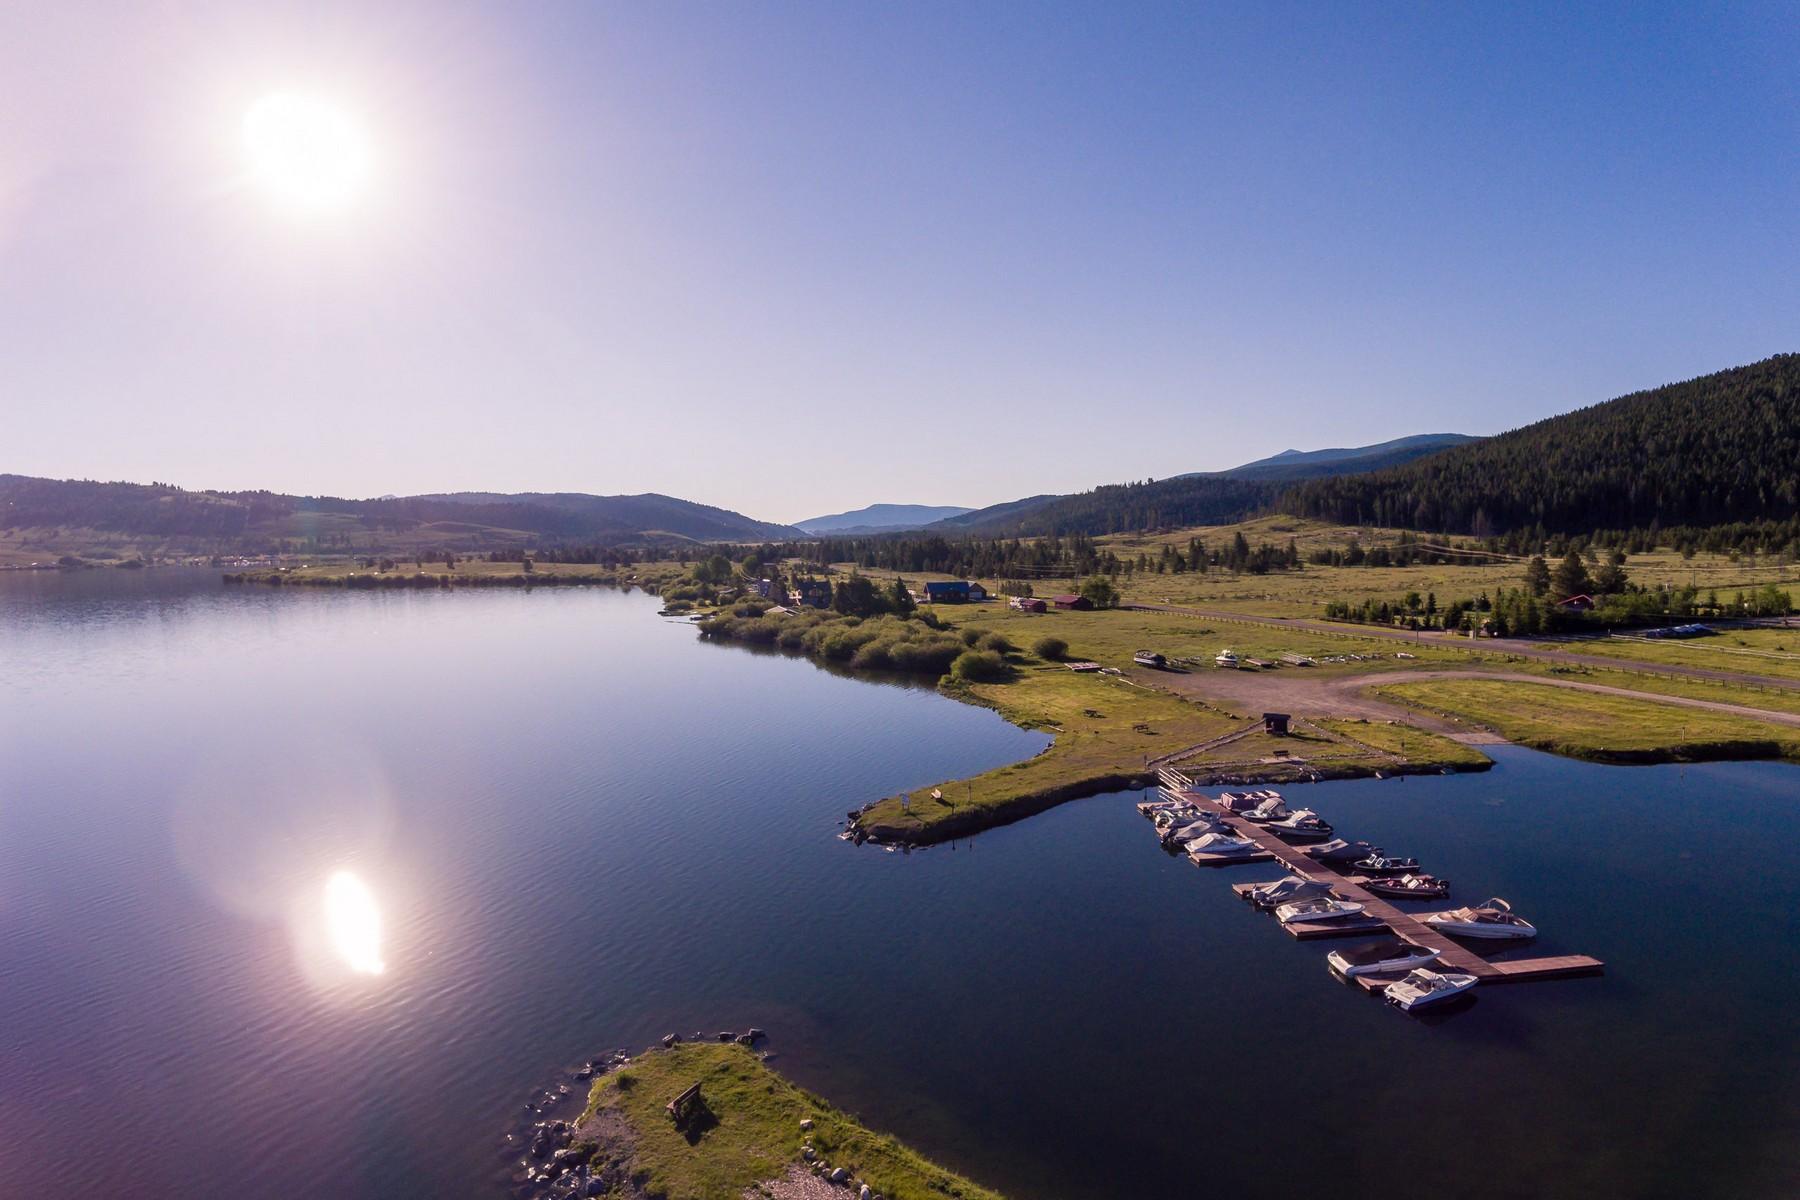 Terreno per Vendita alle ore Lot 10 Manna Vista, Anaconda, MT 59711 Lot 10 Manna Vista Anaconda, Montana, 59711 Stati Uniti